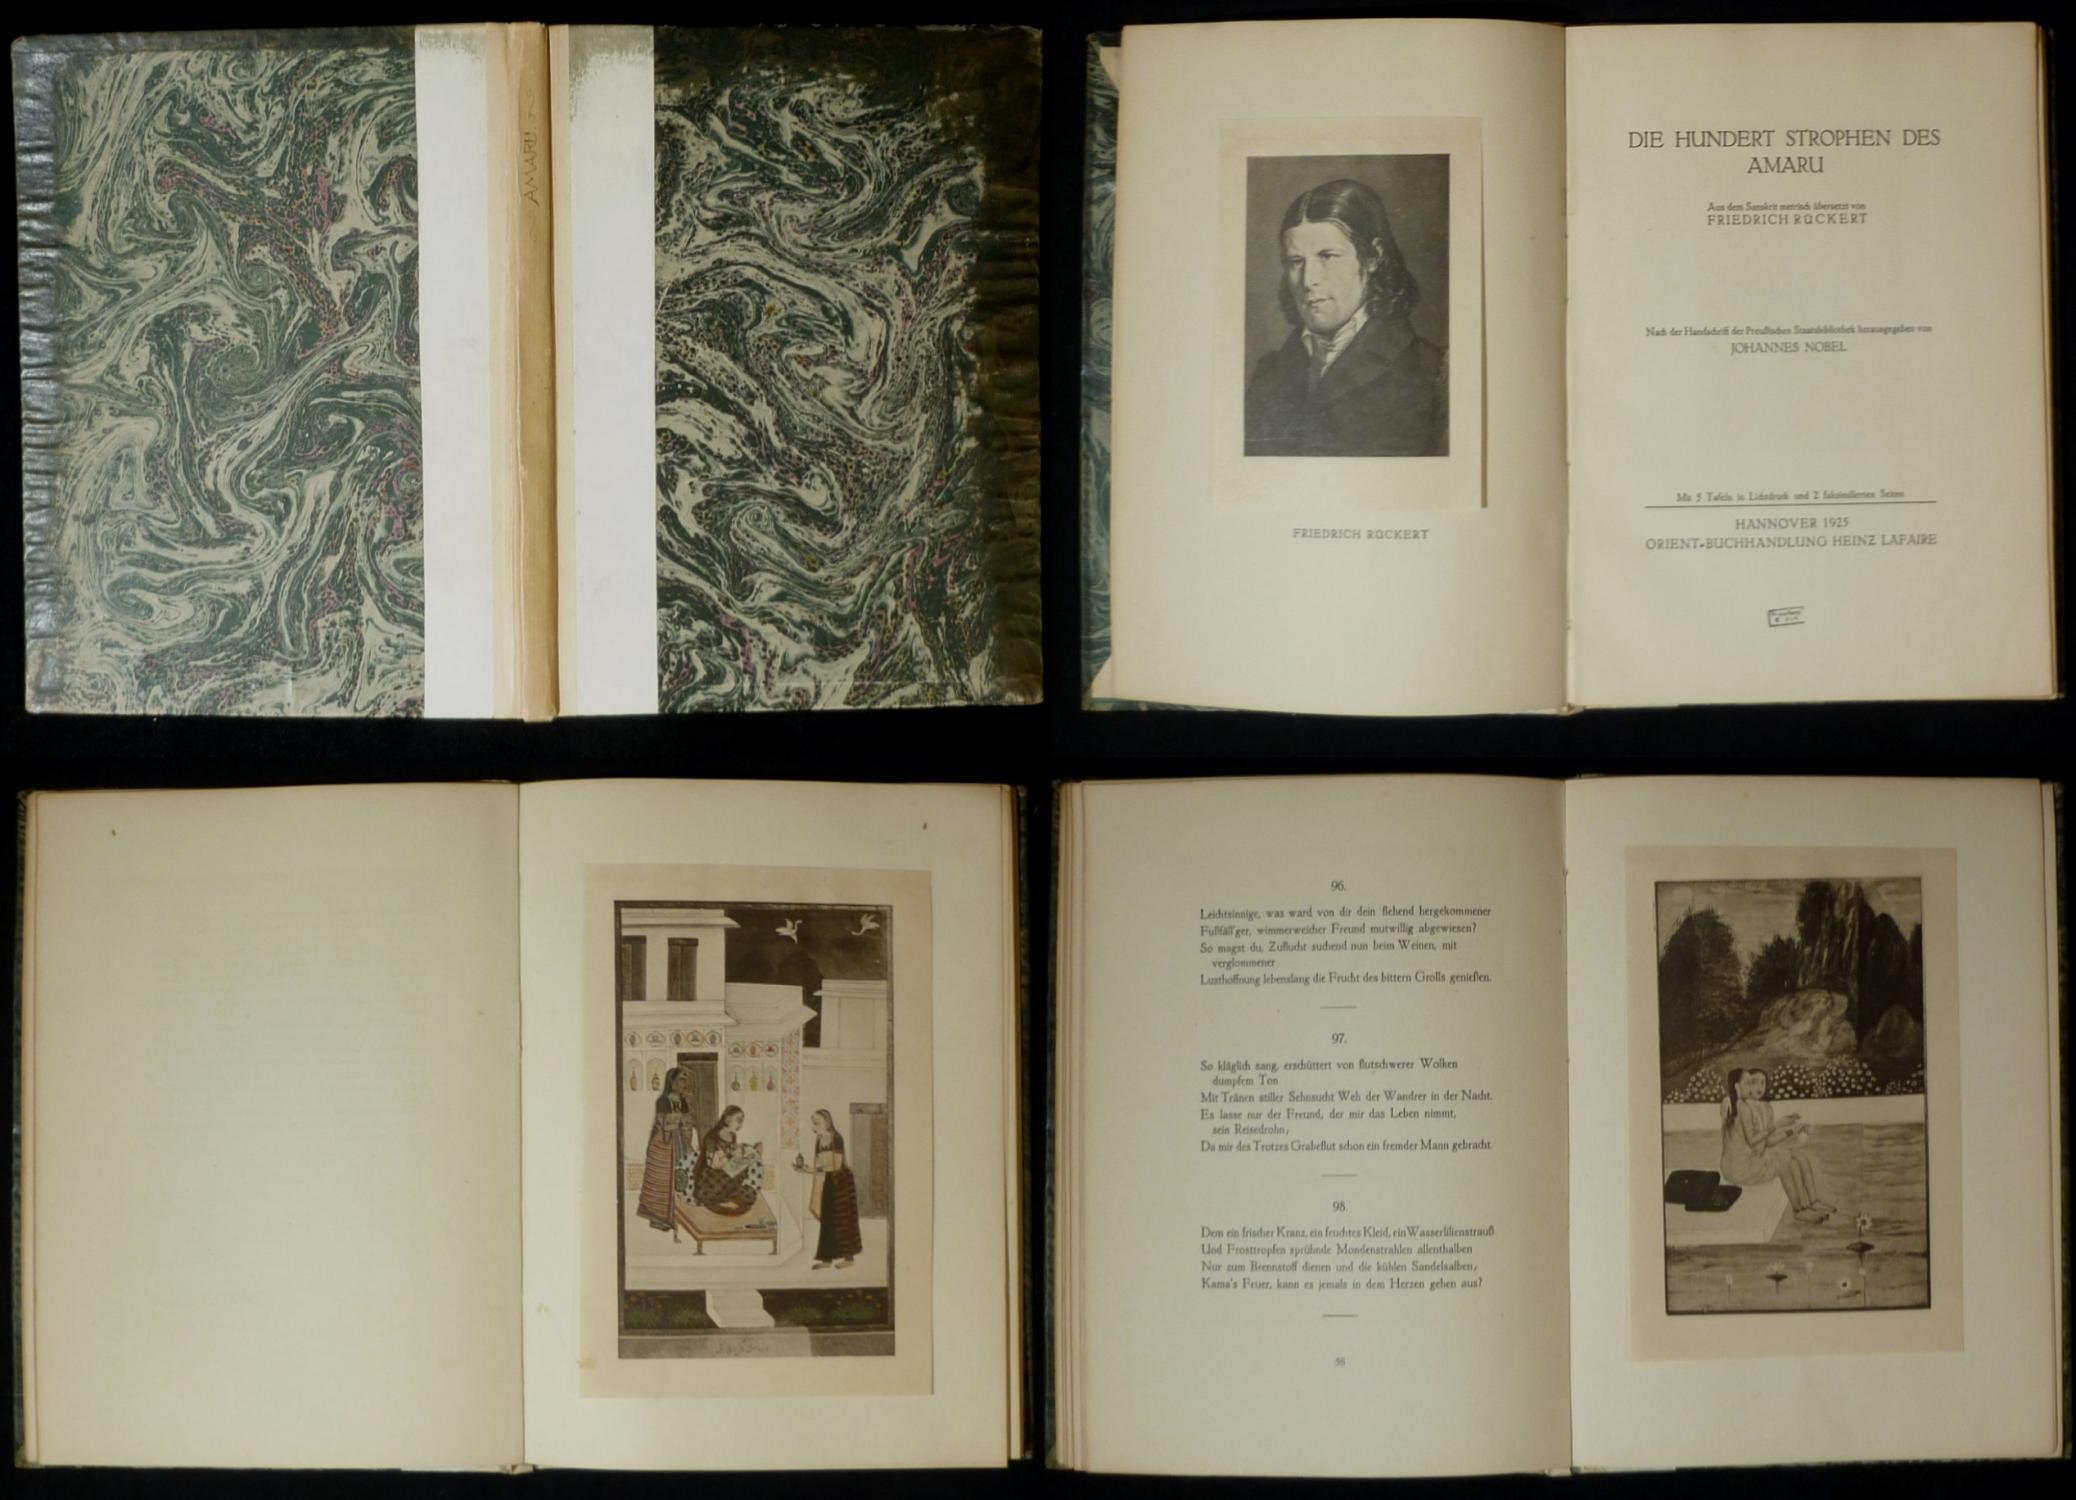 Die hundert Strophen des Amaru. Aus dem: Rückert, Friedrich (Übers.)